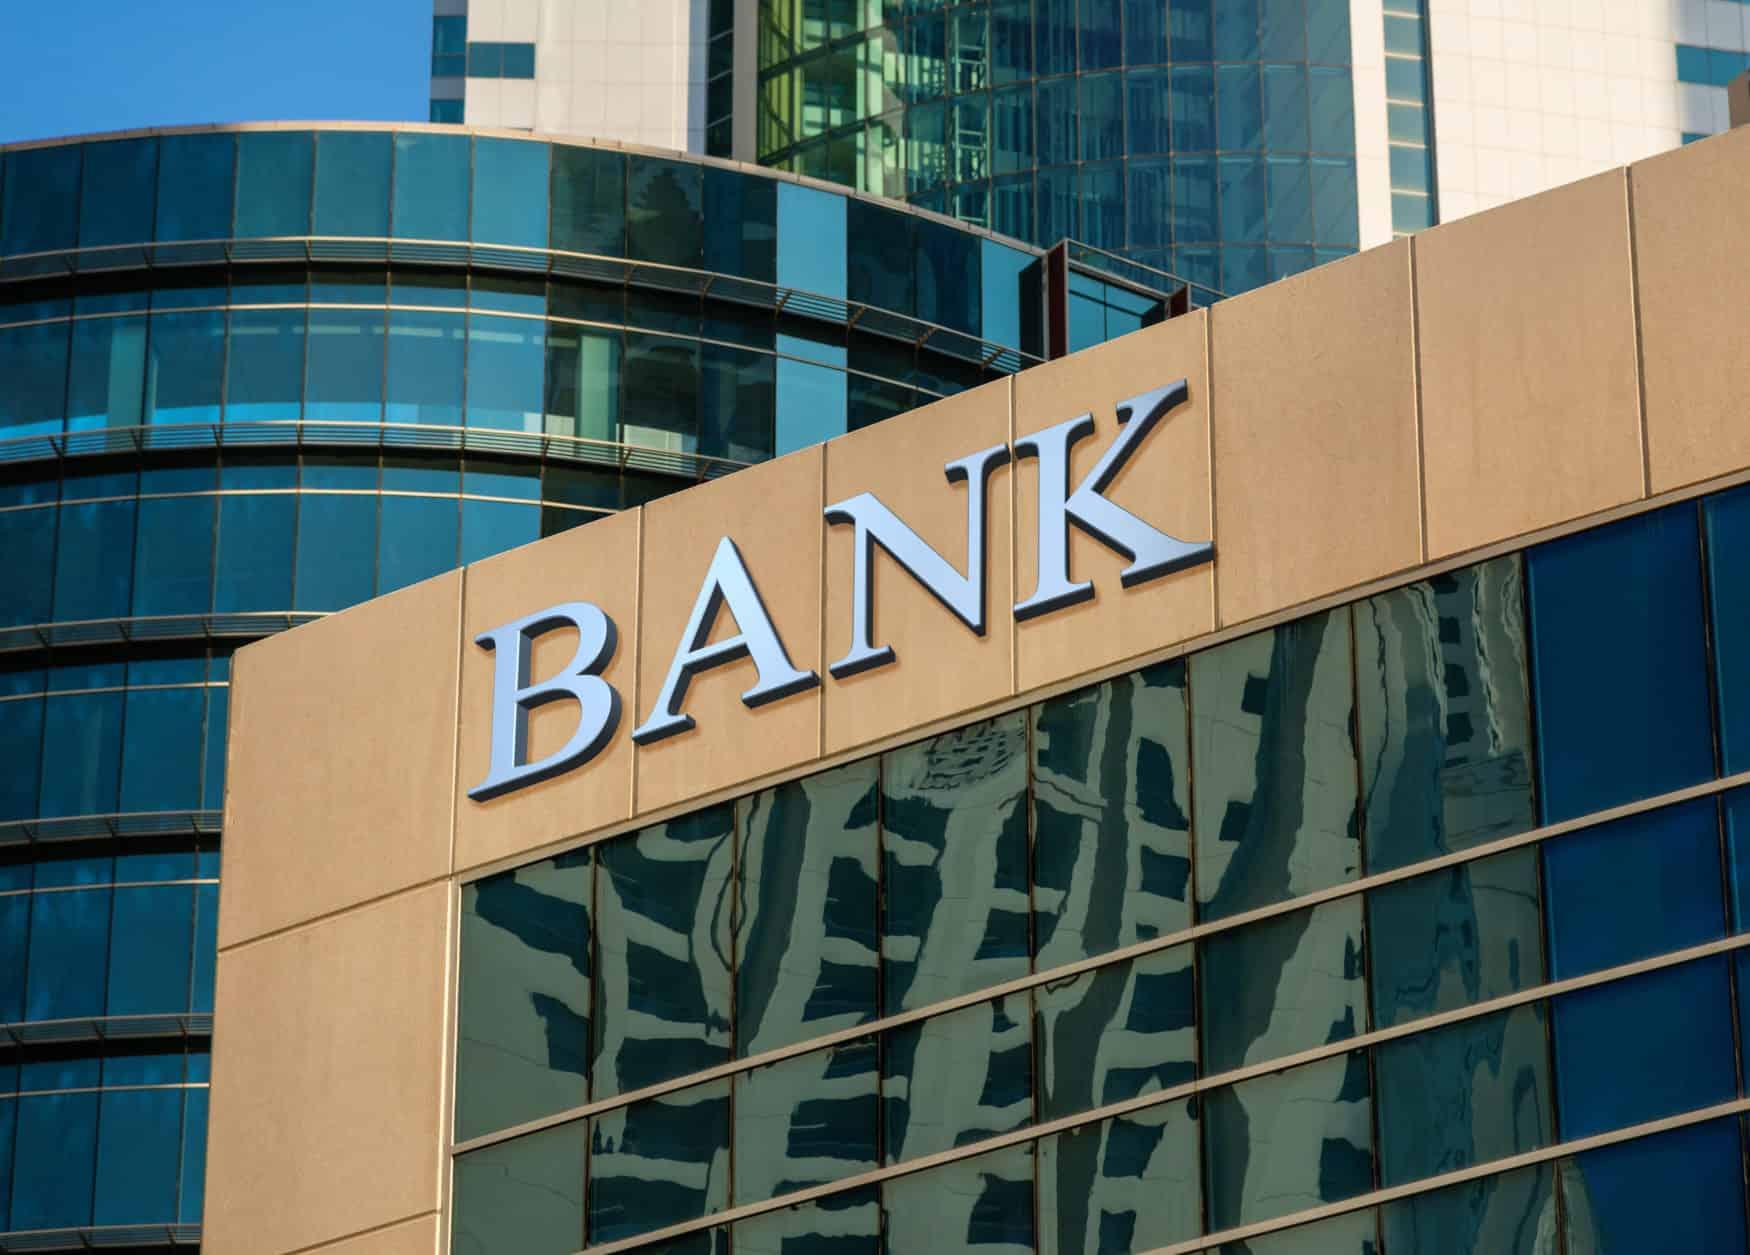 Gebäude einer Bank